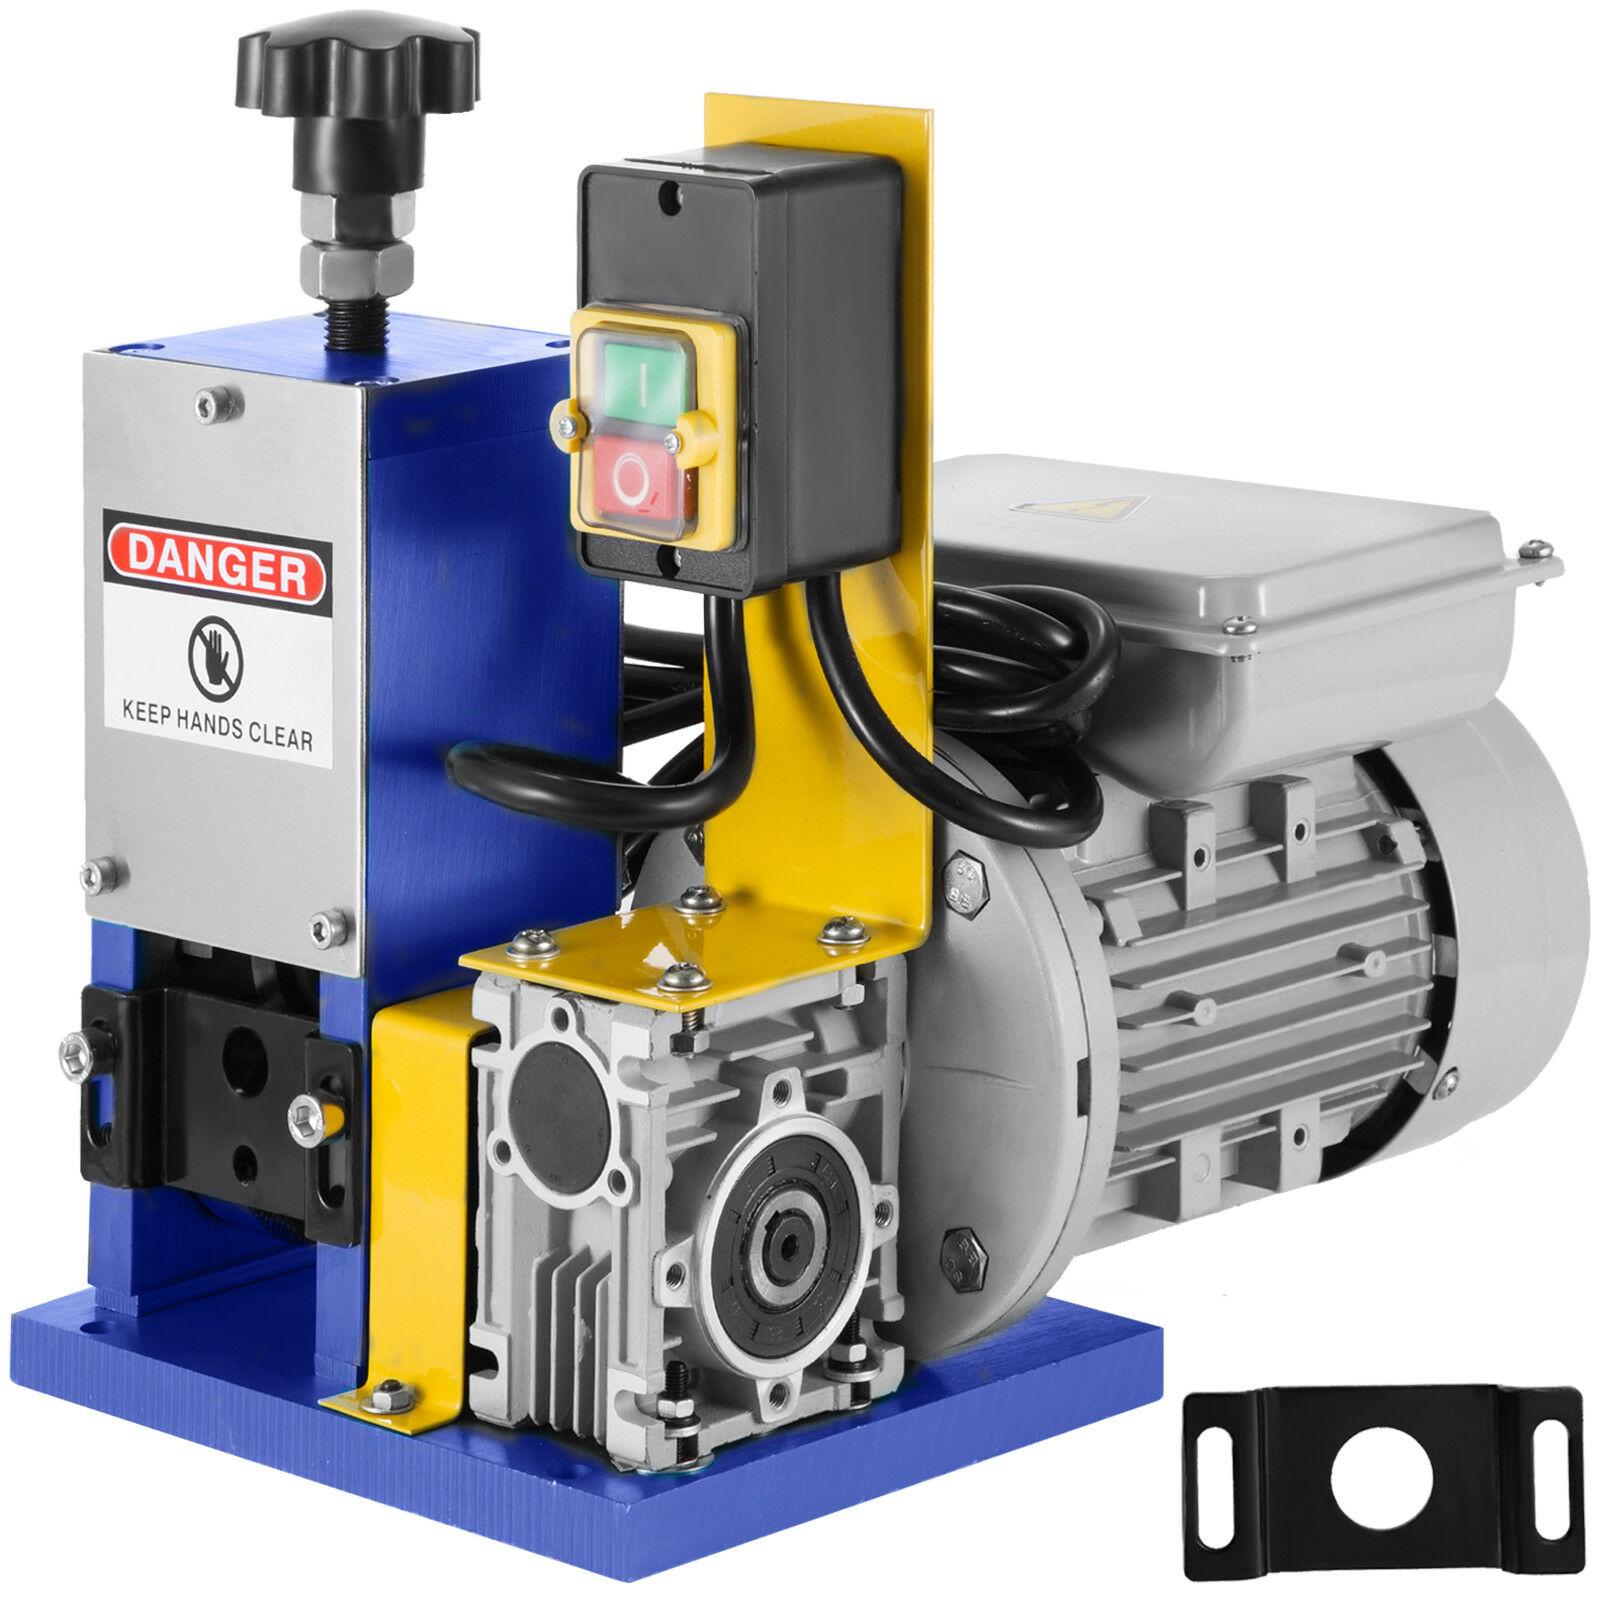 Przewód elektryczny urządzenie do ściągania izolacji ściągacz do kabli 1.5-25mm miedzi 220V/110V